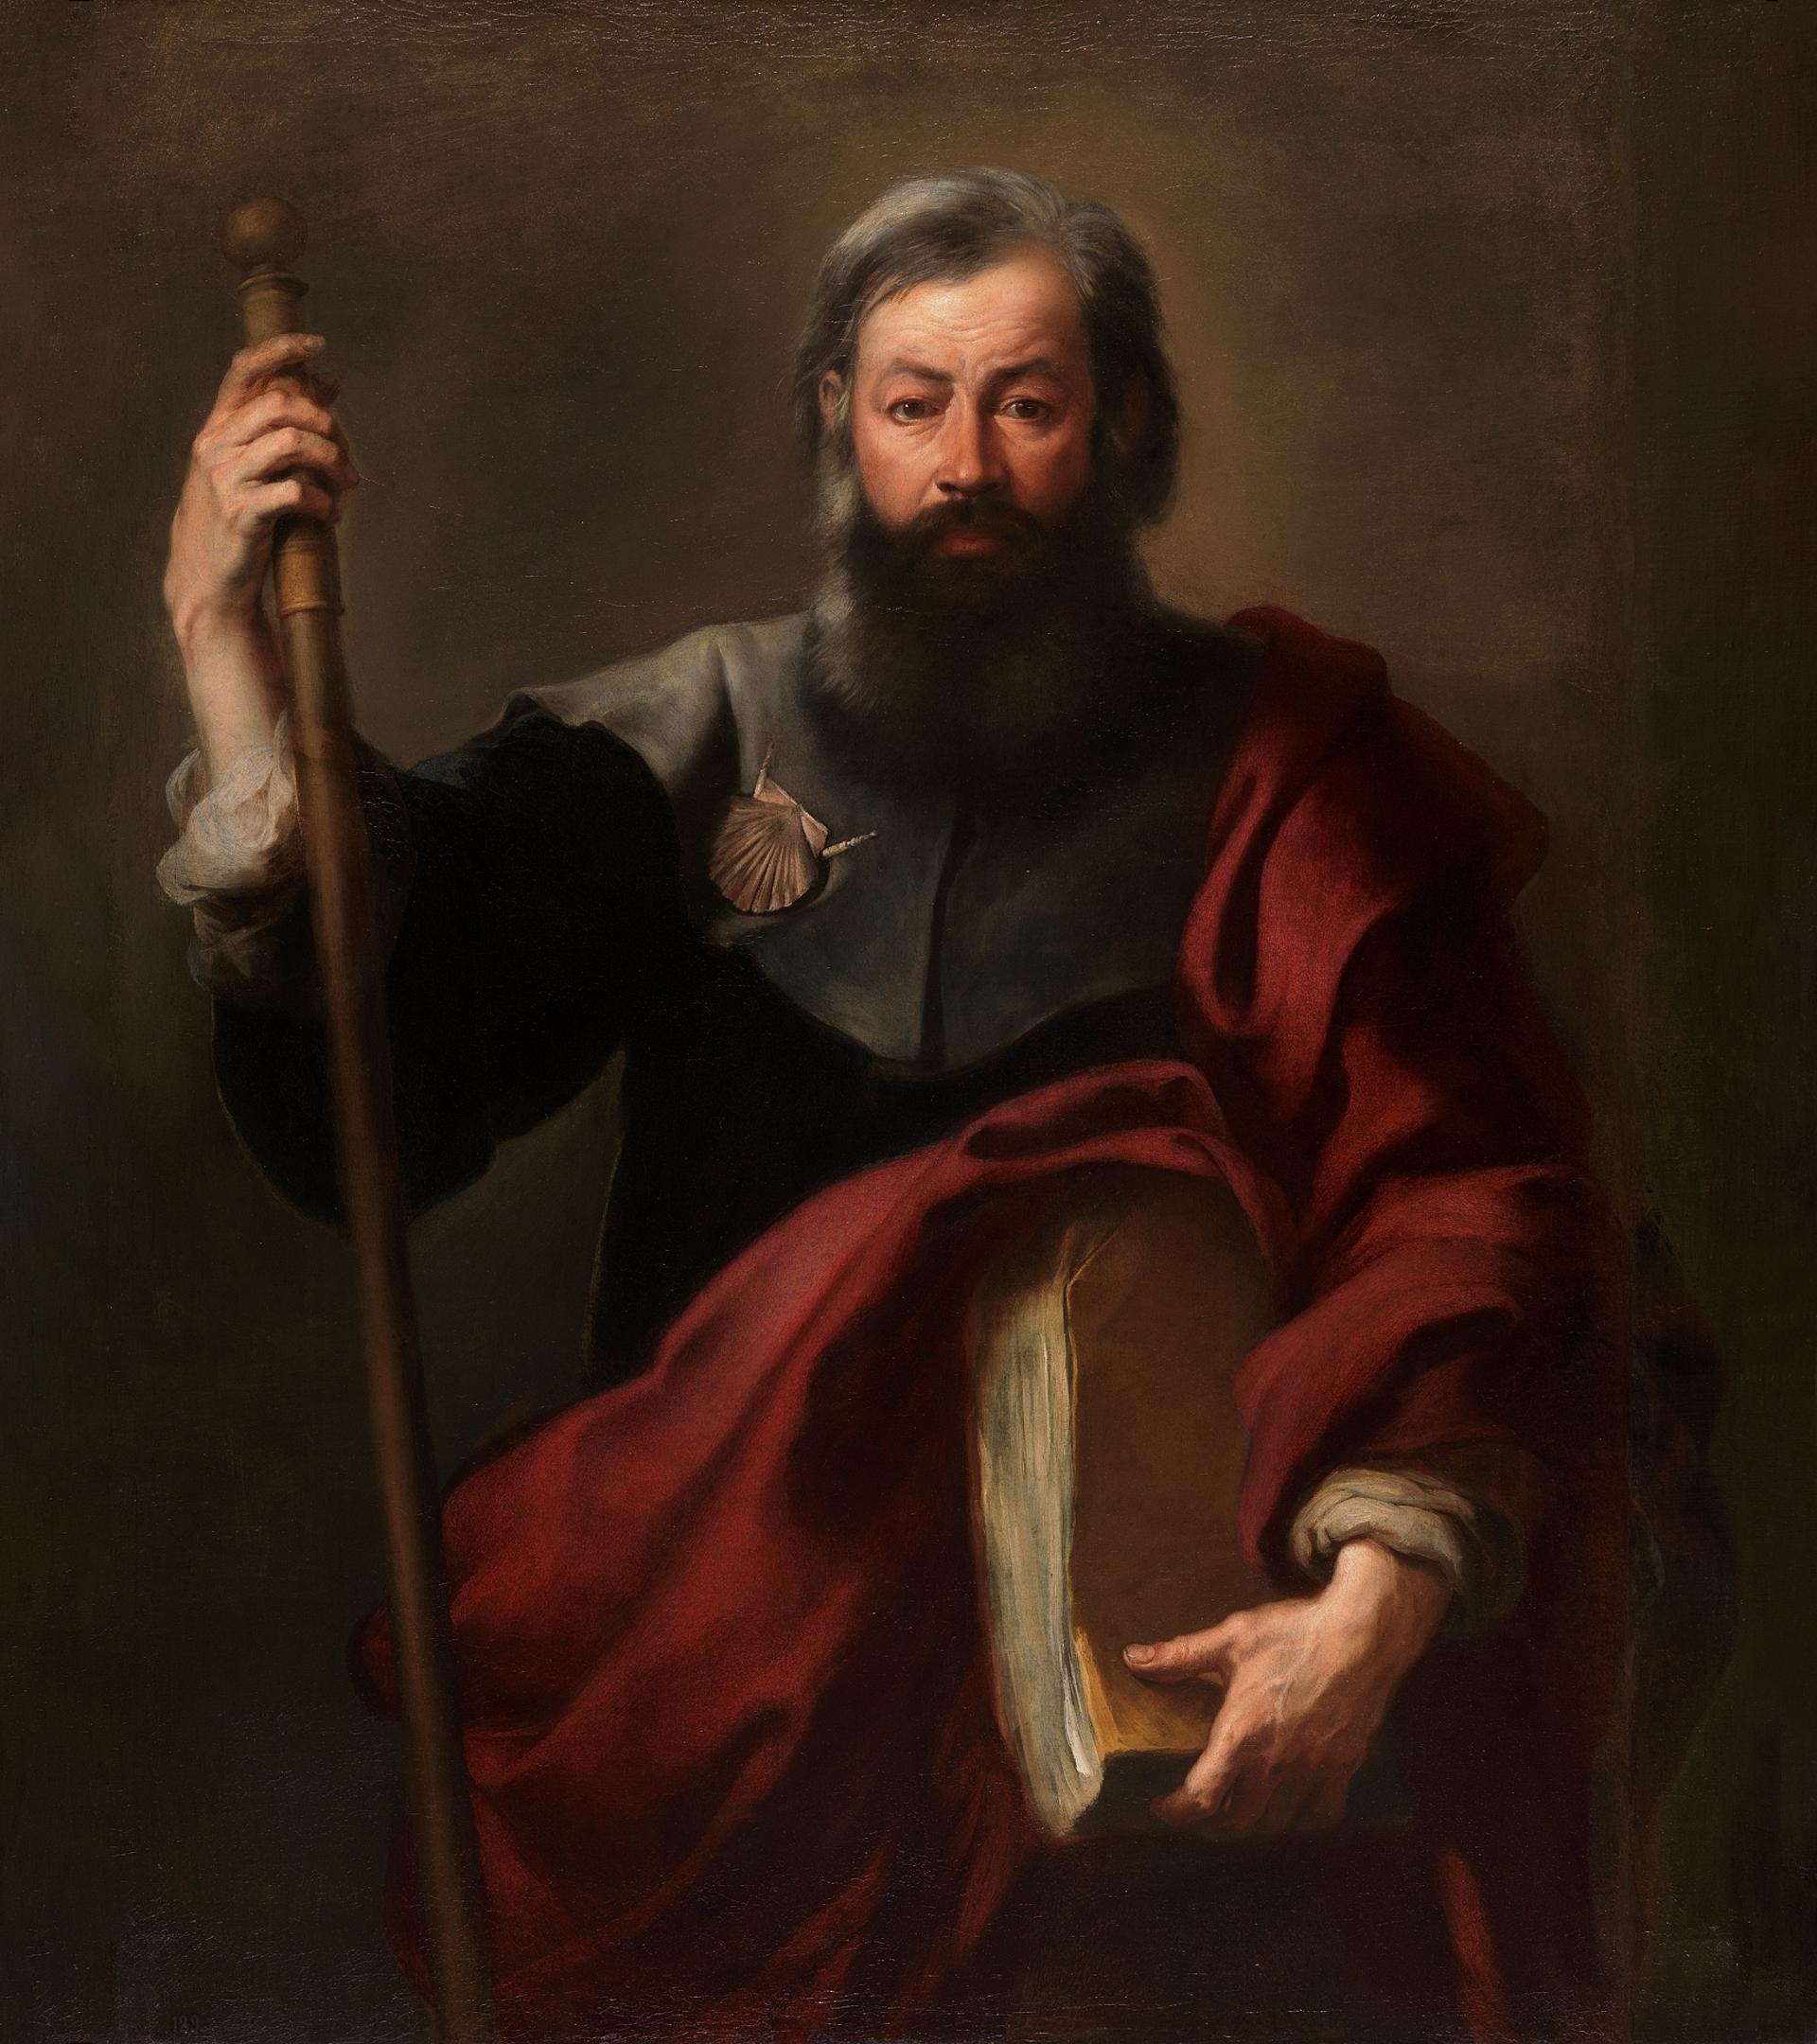 El apóstol Santiago, retratado por Murillo.